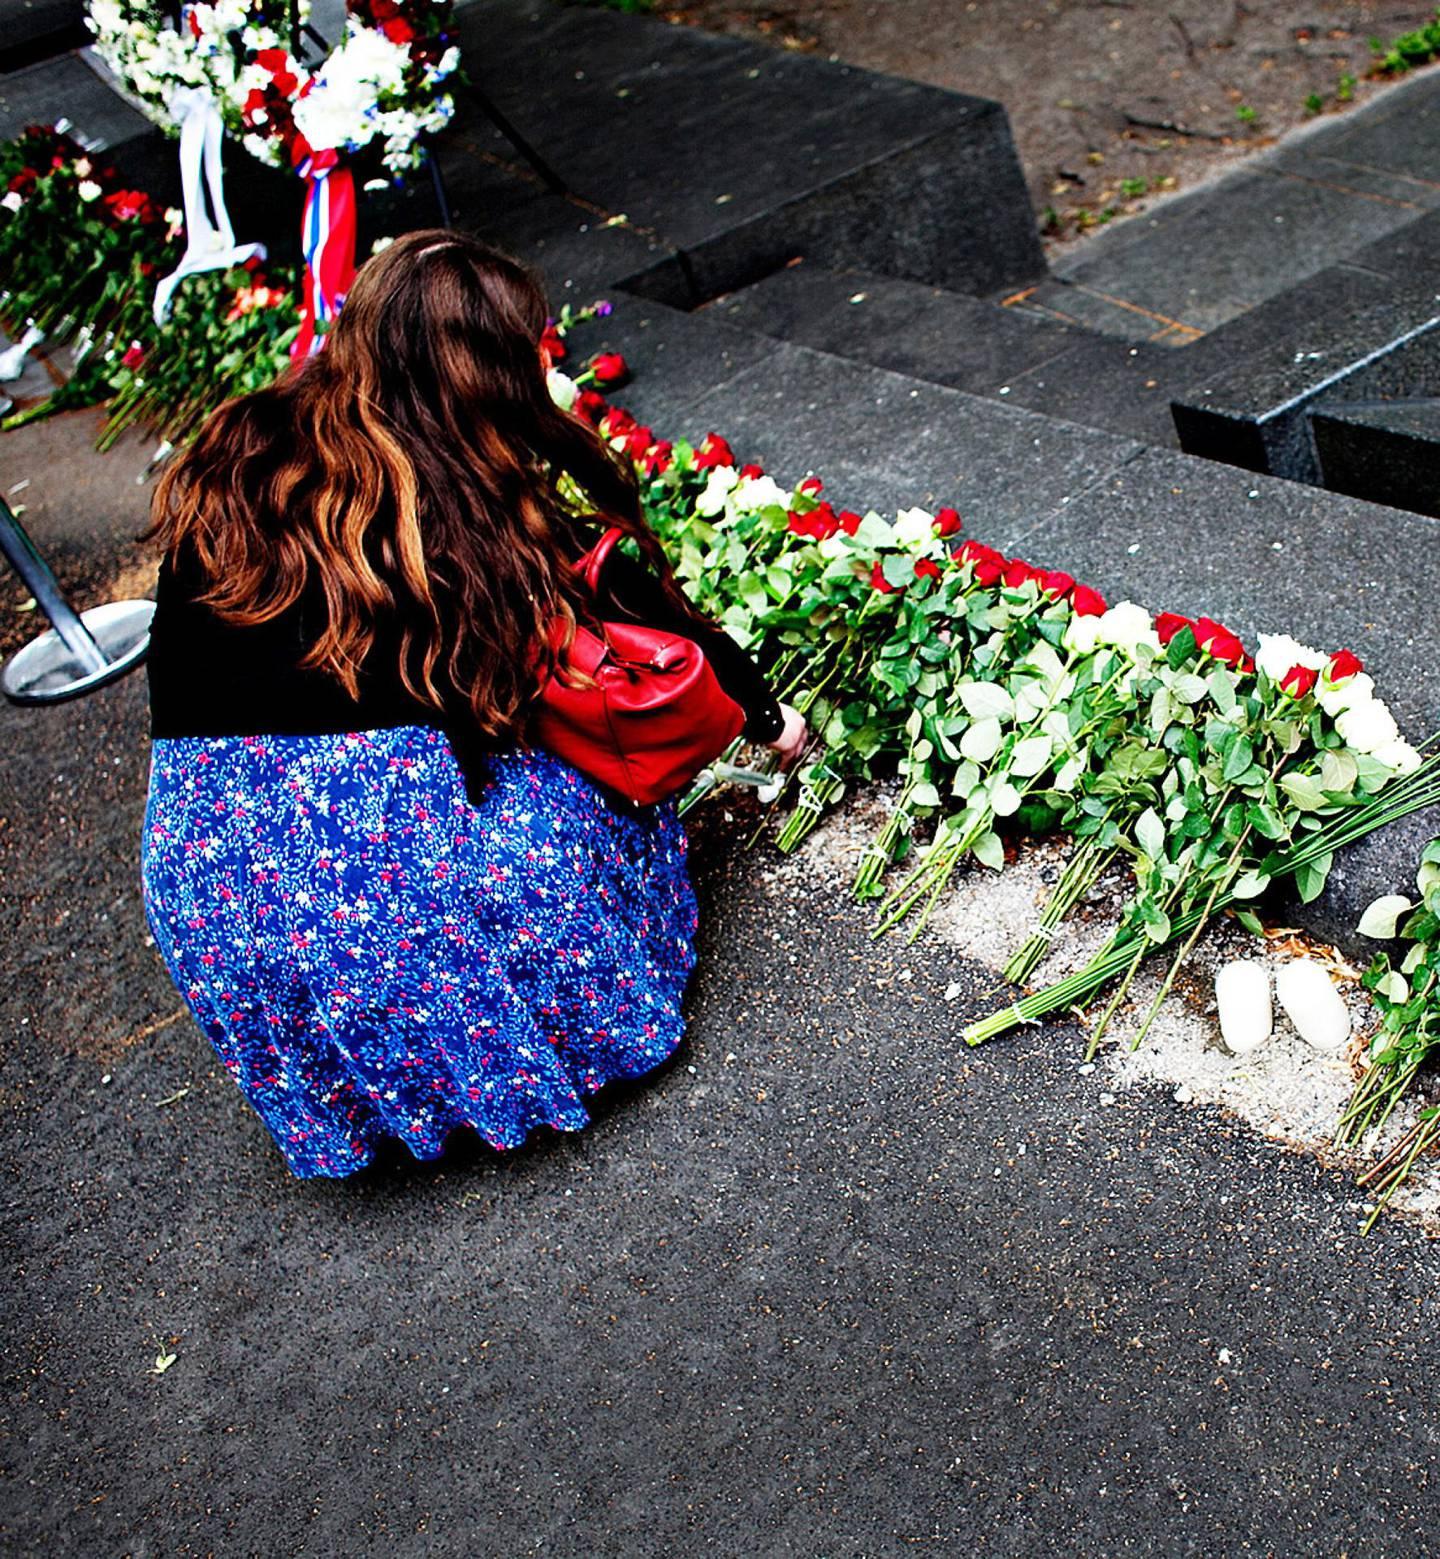 Etter 22. juli kom alle rosene. Siden kom poesien.                                           FOTO: BRIAN CLIFF OLGUIN